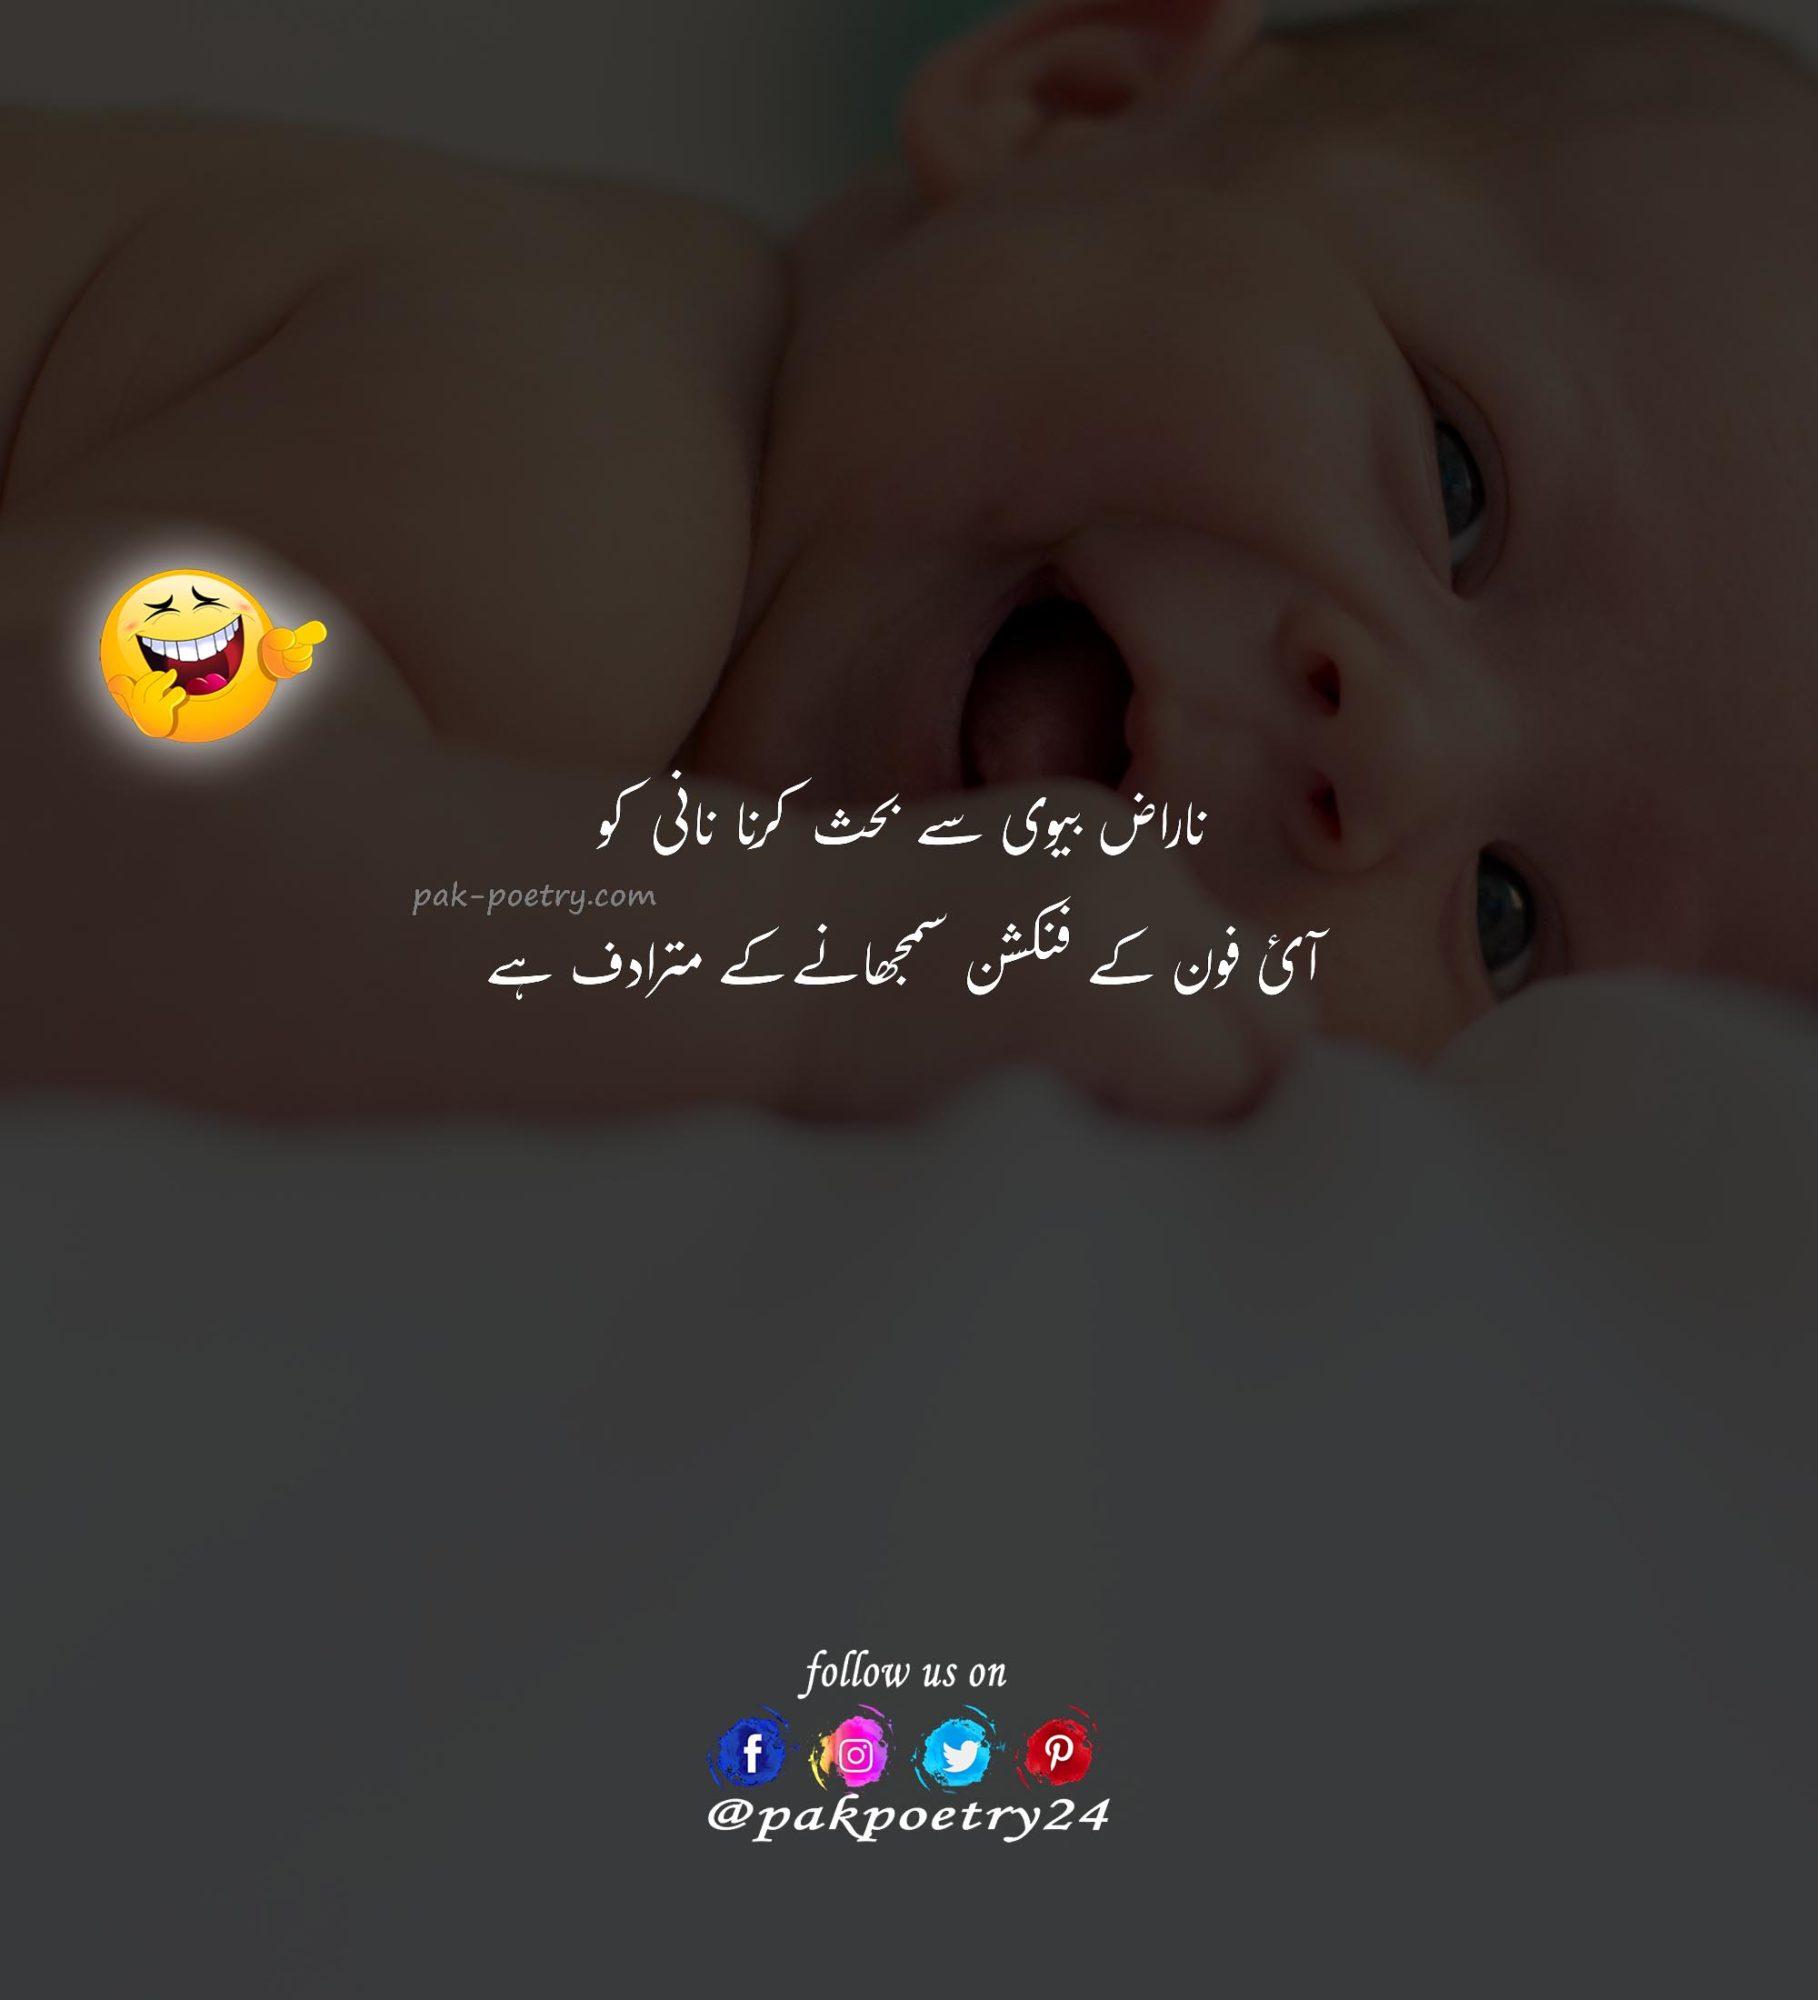 funny poetry, funny poetry in urdu, funny urdu poetry, poetry funny, urdu funny poetry, poetry in urdu funny, funny poetry in urdu for friends, poetry urdu funny, new funny poetry, funny pics, funniest poetry in urdu, urdu poetry funny, funy poetry, funny urdu shayari, love funniest poetry in urdu, funny poetry for friends in urdu, funny poetry in urdu 2020, urdu shayari funny, urdu funny funny poetry, funnypoetry, funny poetry pic, funny poerty, funny poitry, funny urdu shayari for friends, funny pic poetry,